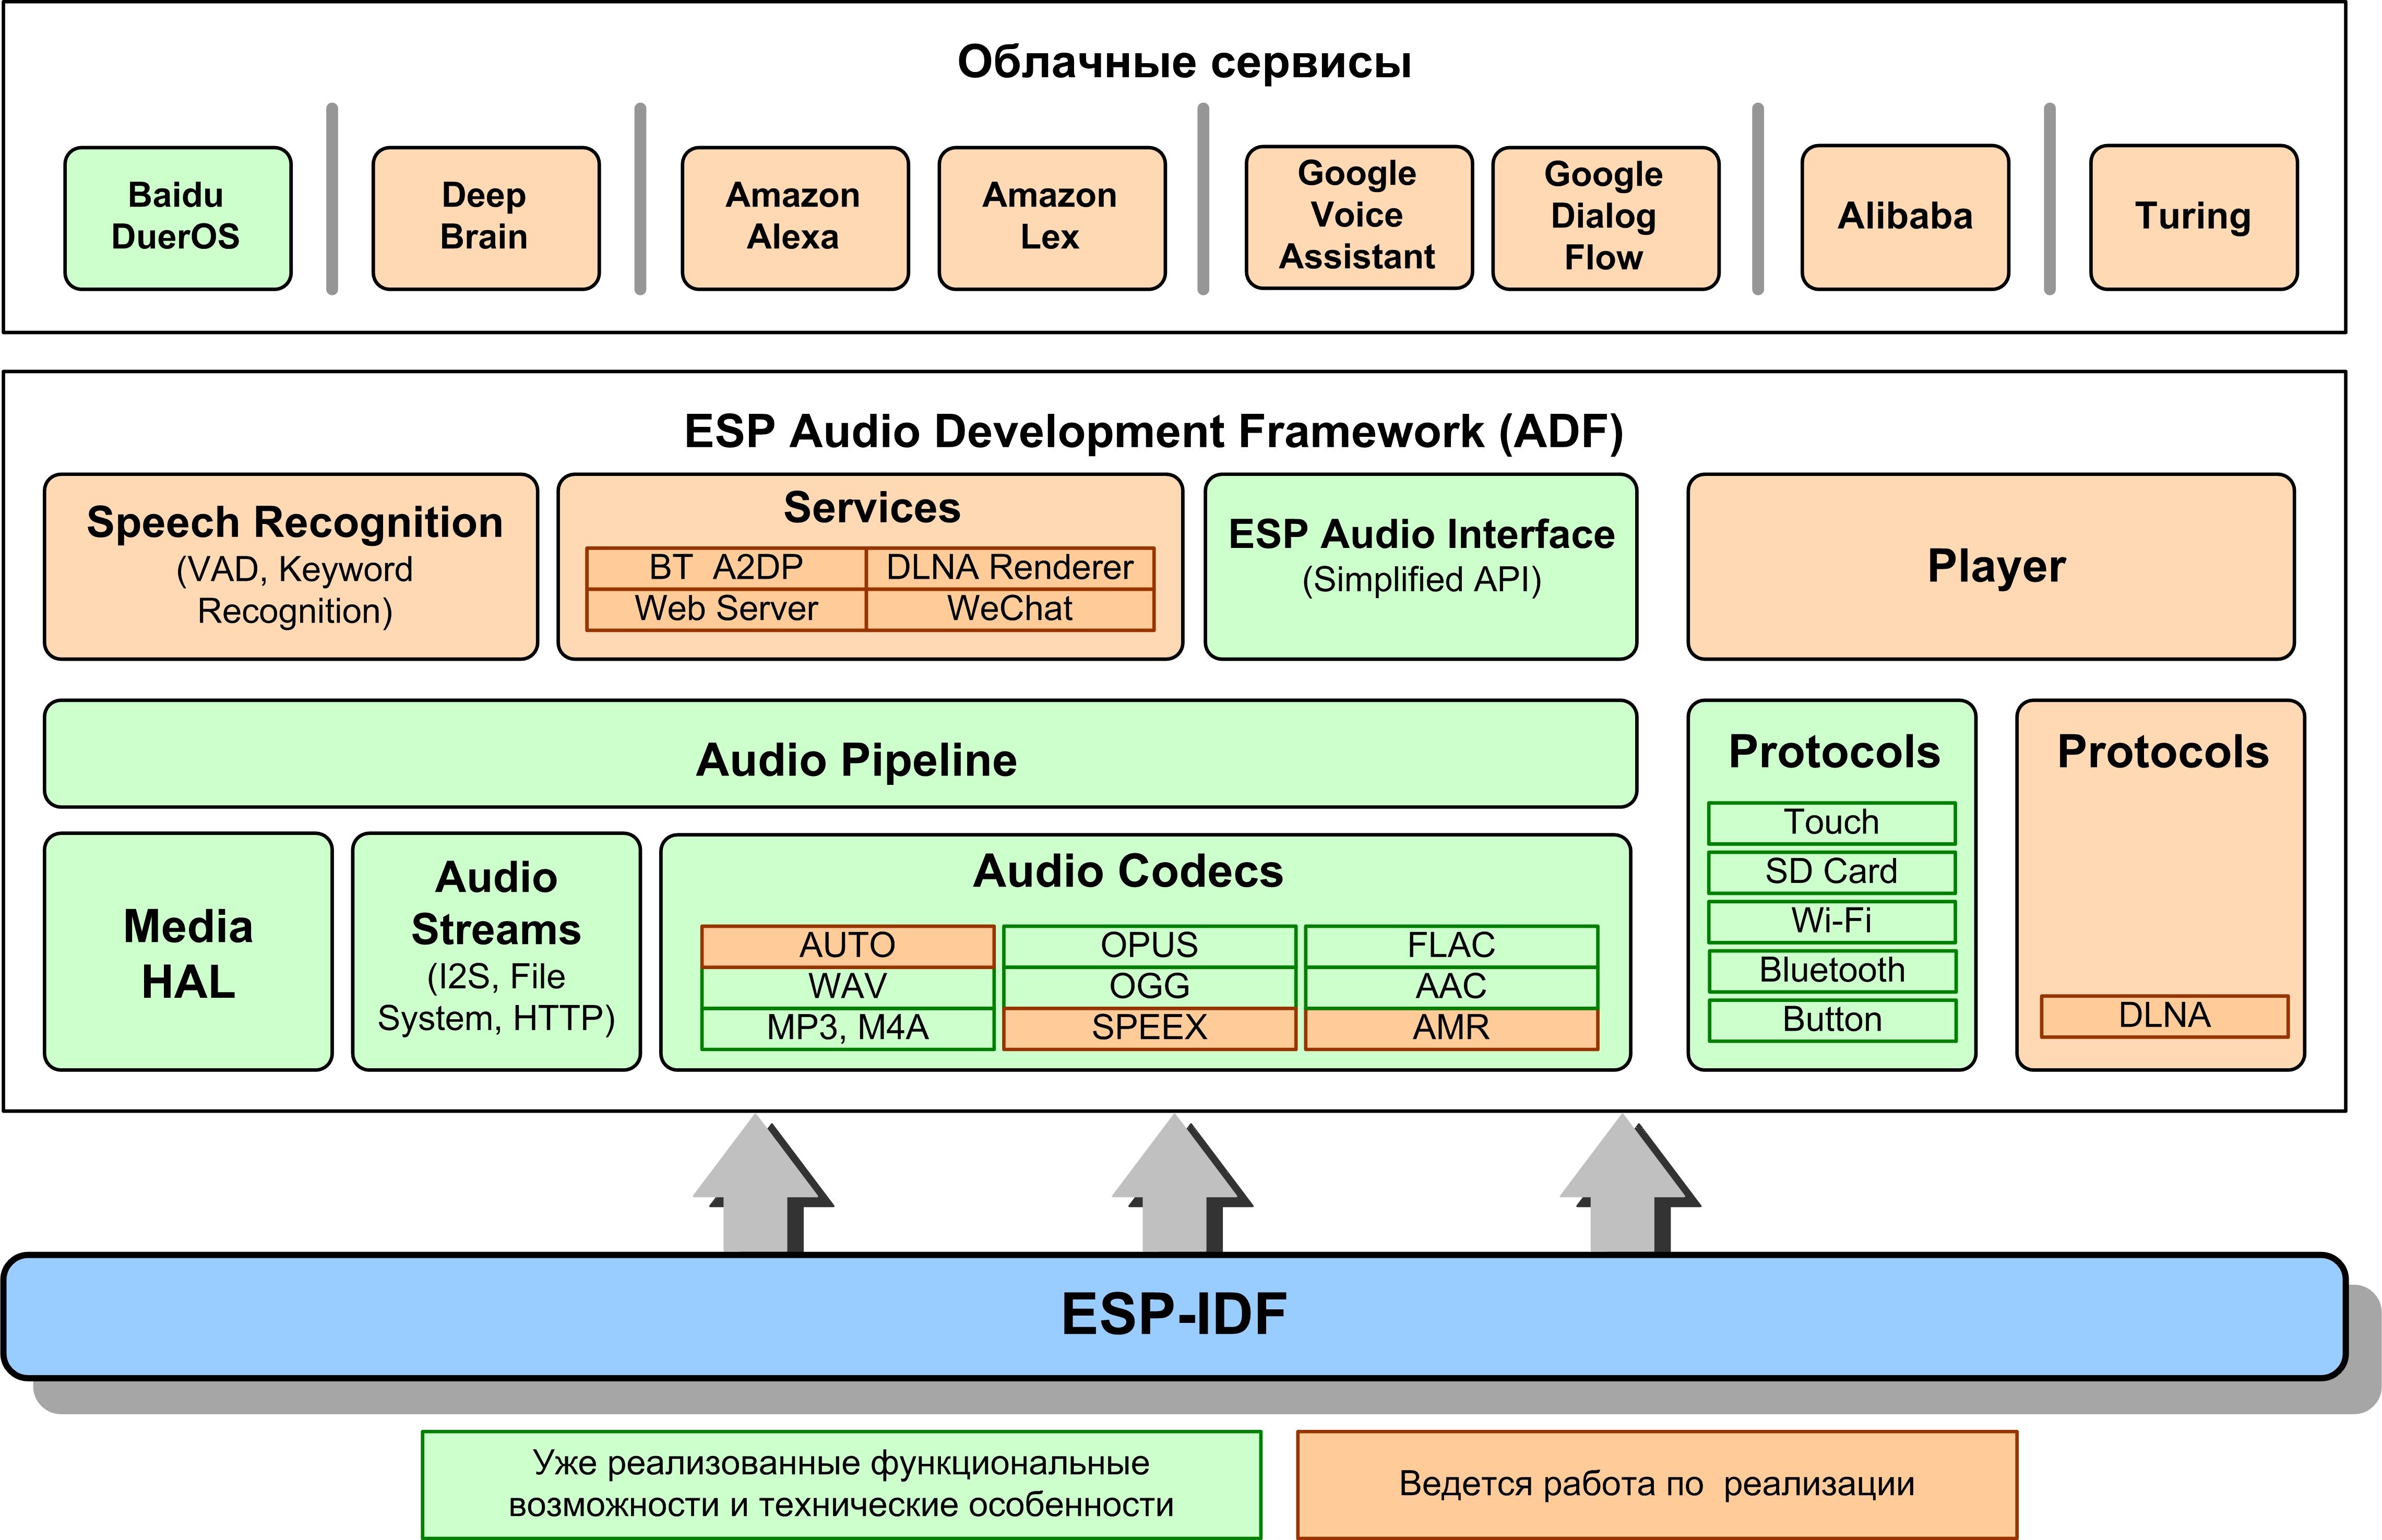 Структура разработческой платформы Espressif ESP-ADF (Audio Development Framework)